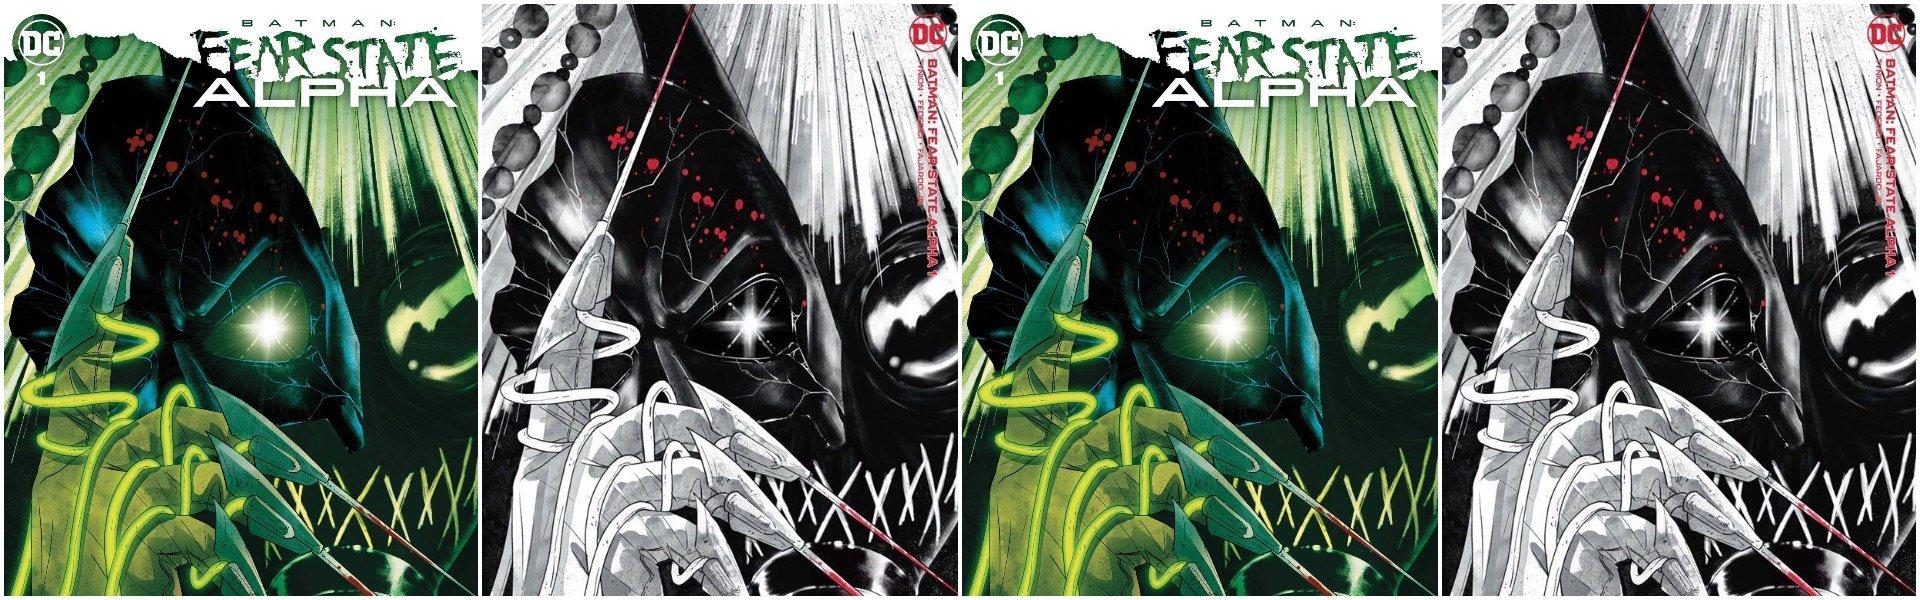 Batman Fear State Alpha #1 Megan Hutchison-Cates Exclusives